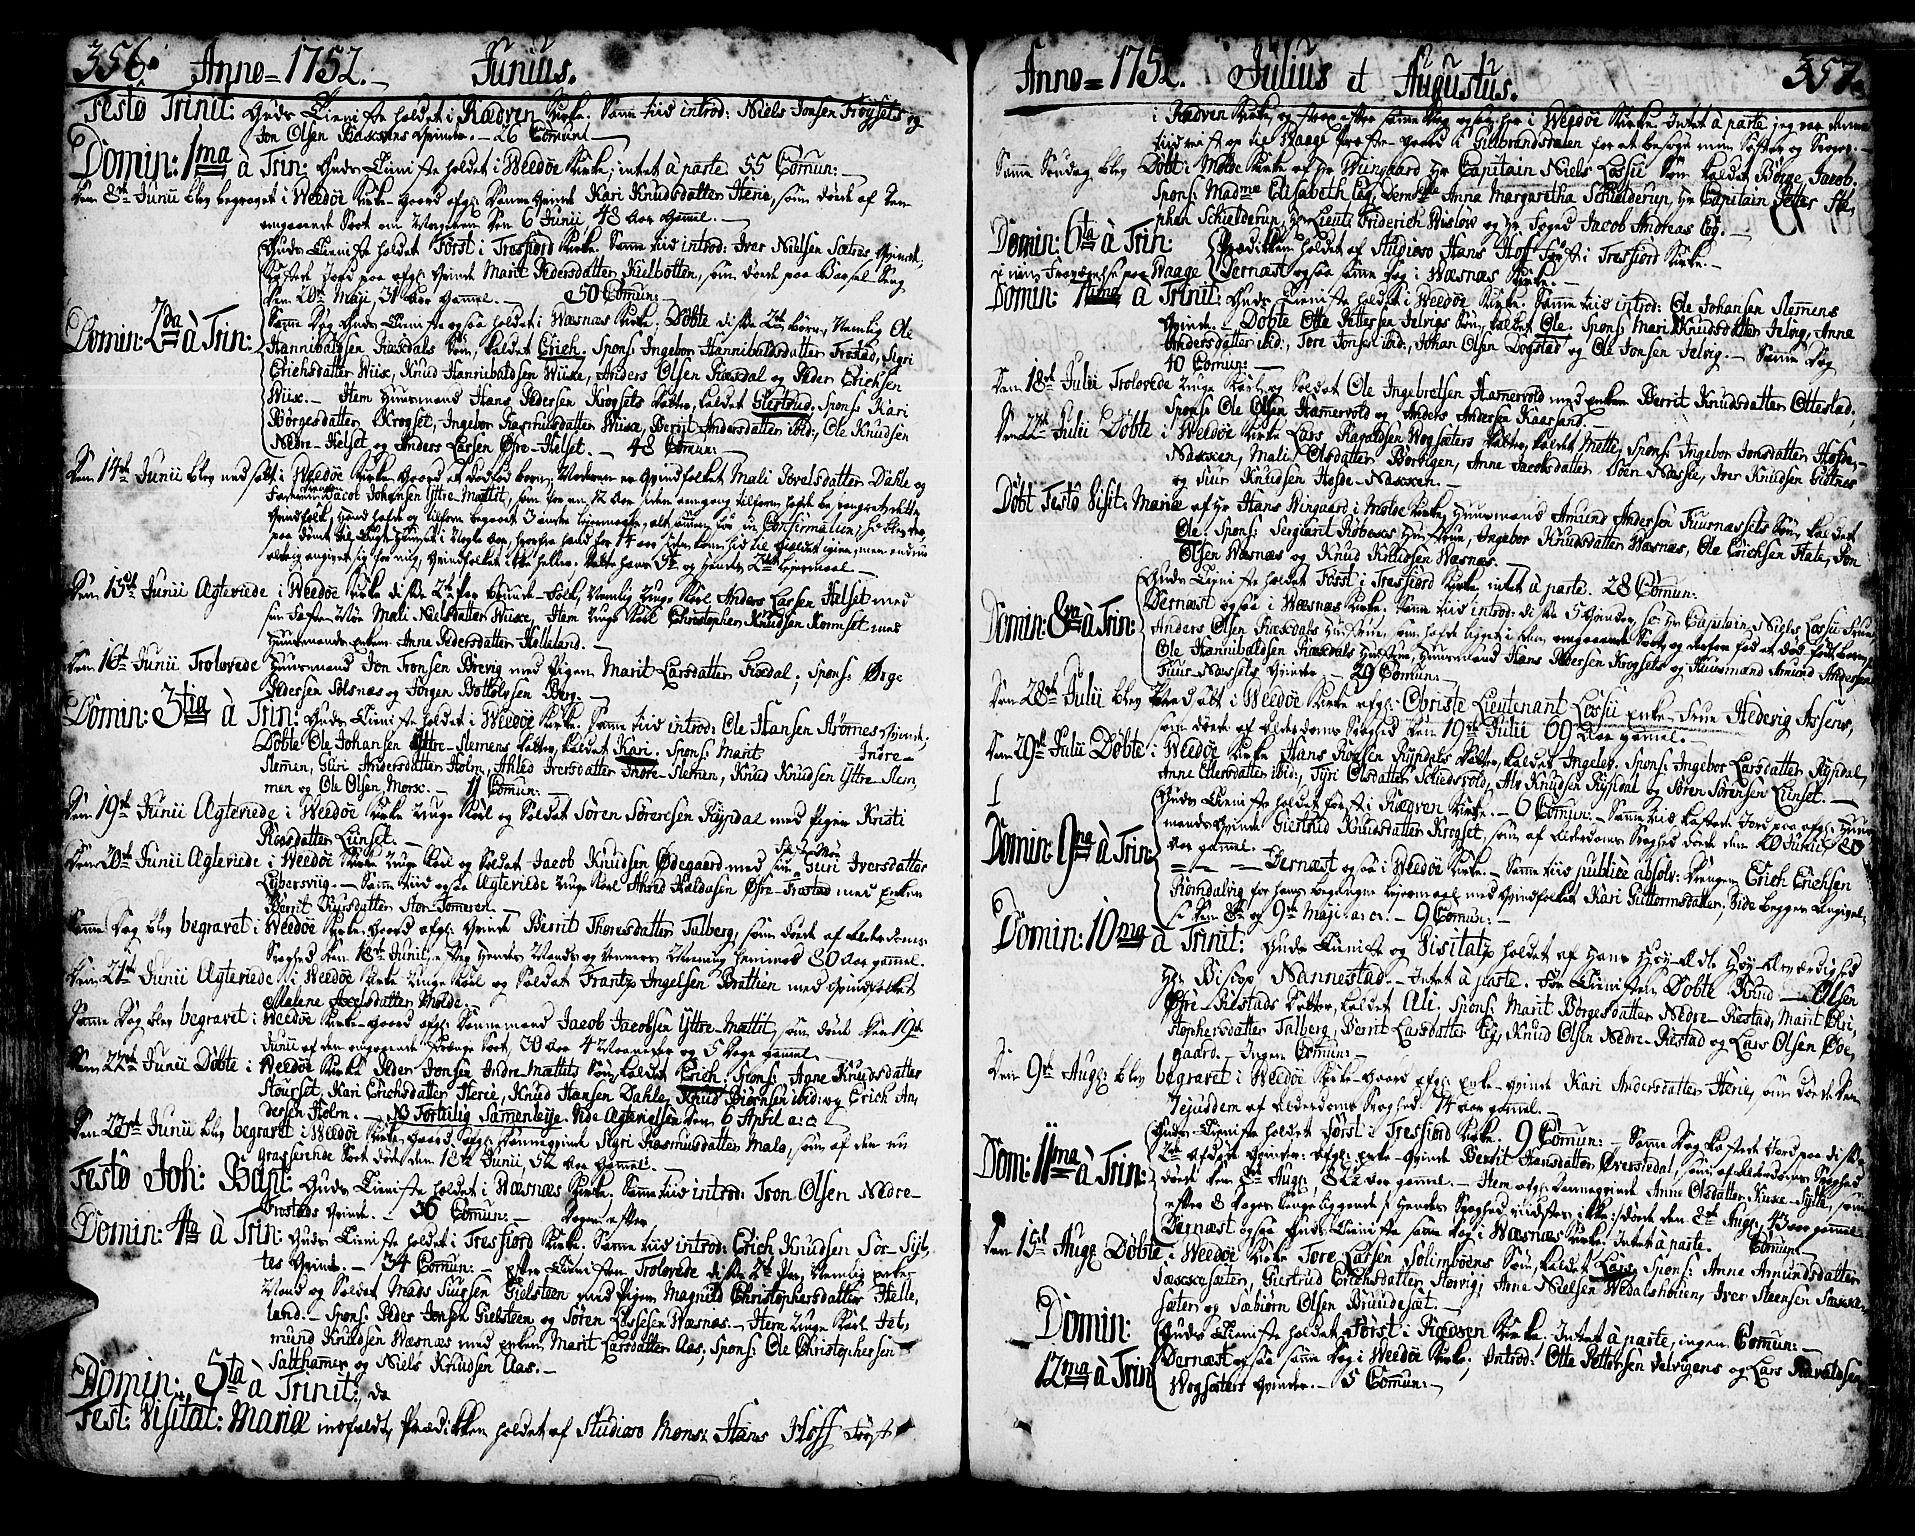 SAT, Ministerialprotokoller, klokkerbøker og fødselsregistre - Møre og Romsdal, 547/L0599: Ministerialbok nr. 547A01, 1721-1764, s. 356-357